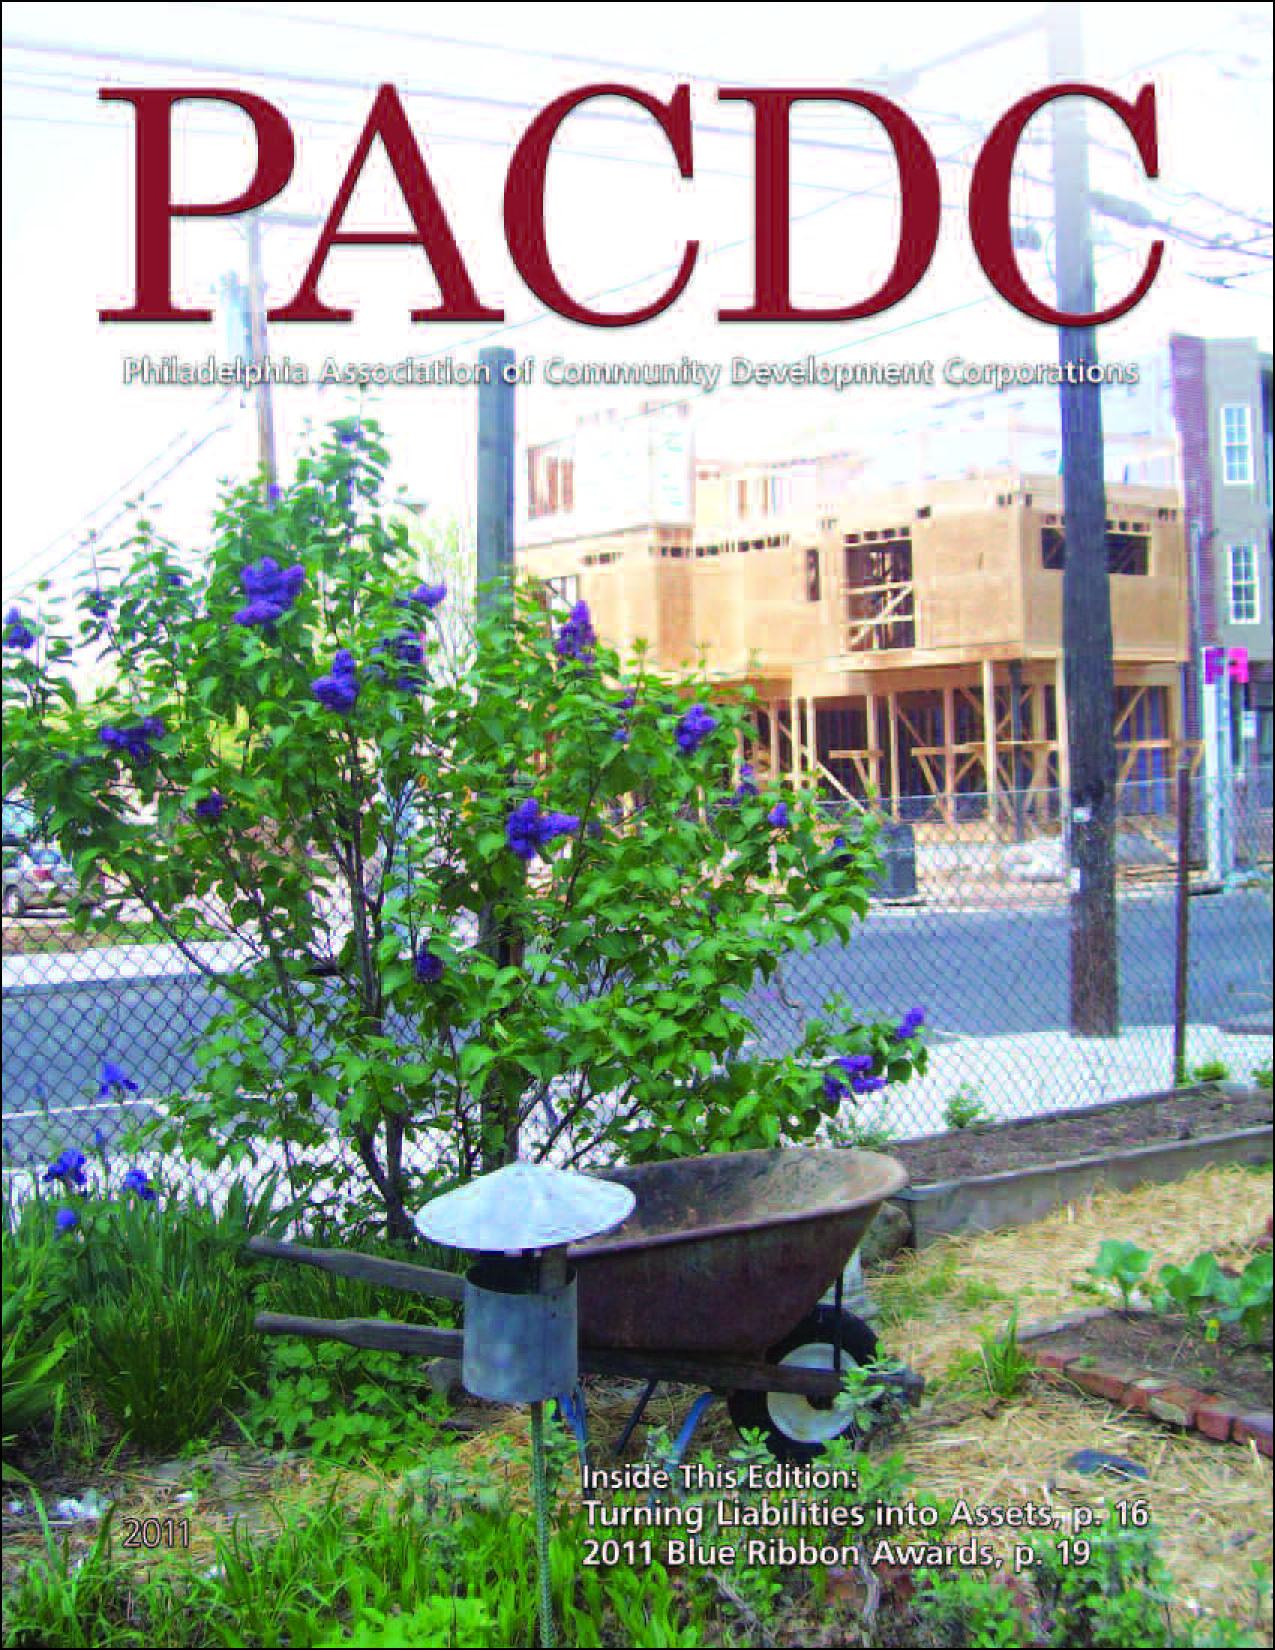 PACDCMagazine2011.jpg